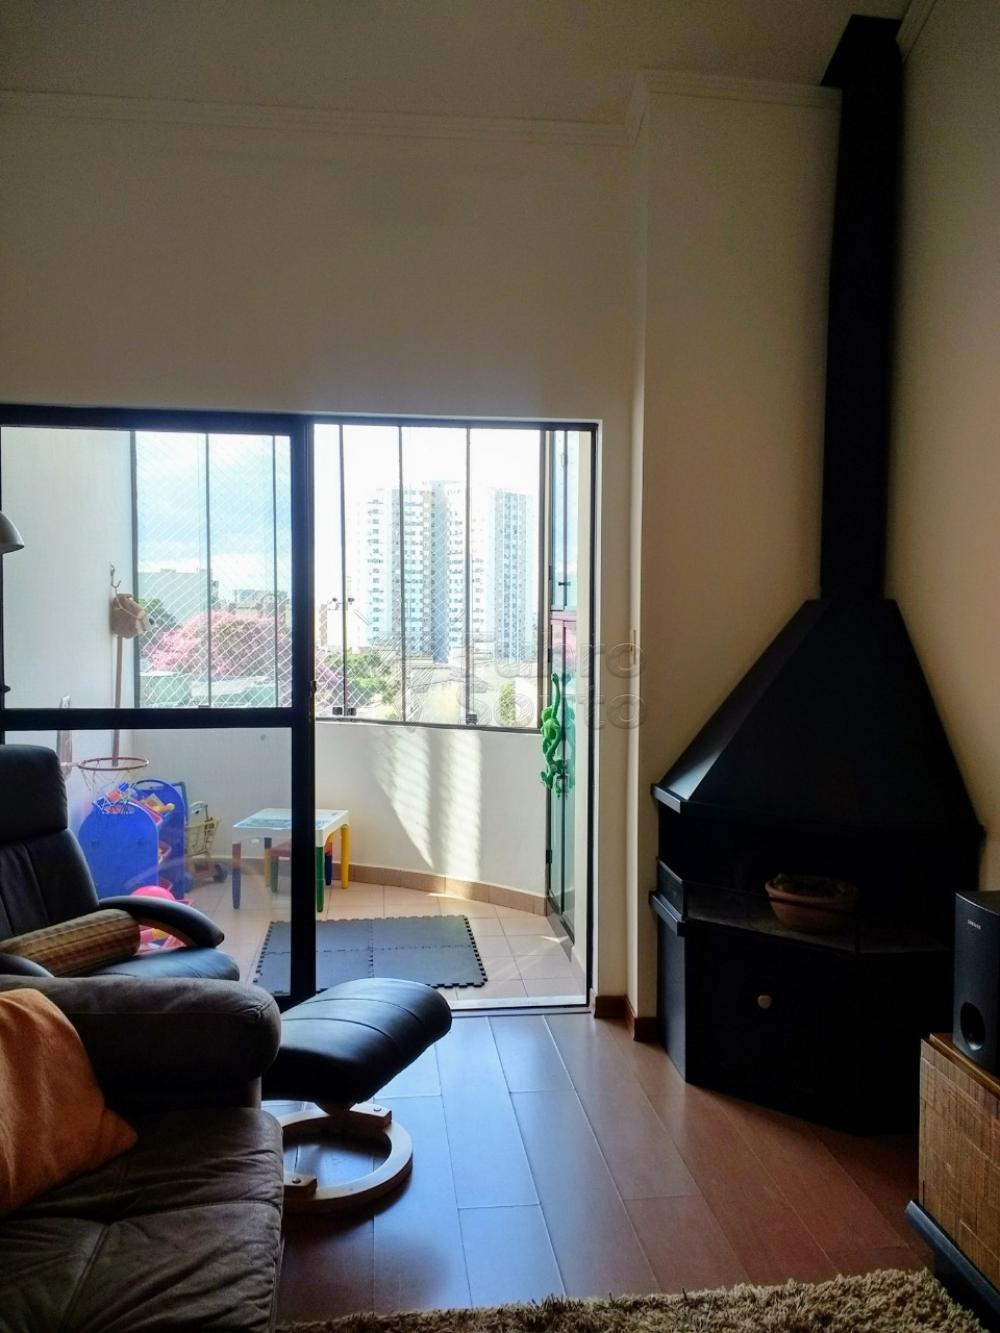 Comprar Apartamento / Cobertura em Pelotas R$ 750.000,00 - Foto 3